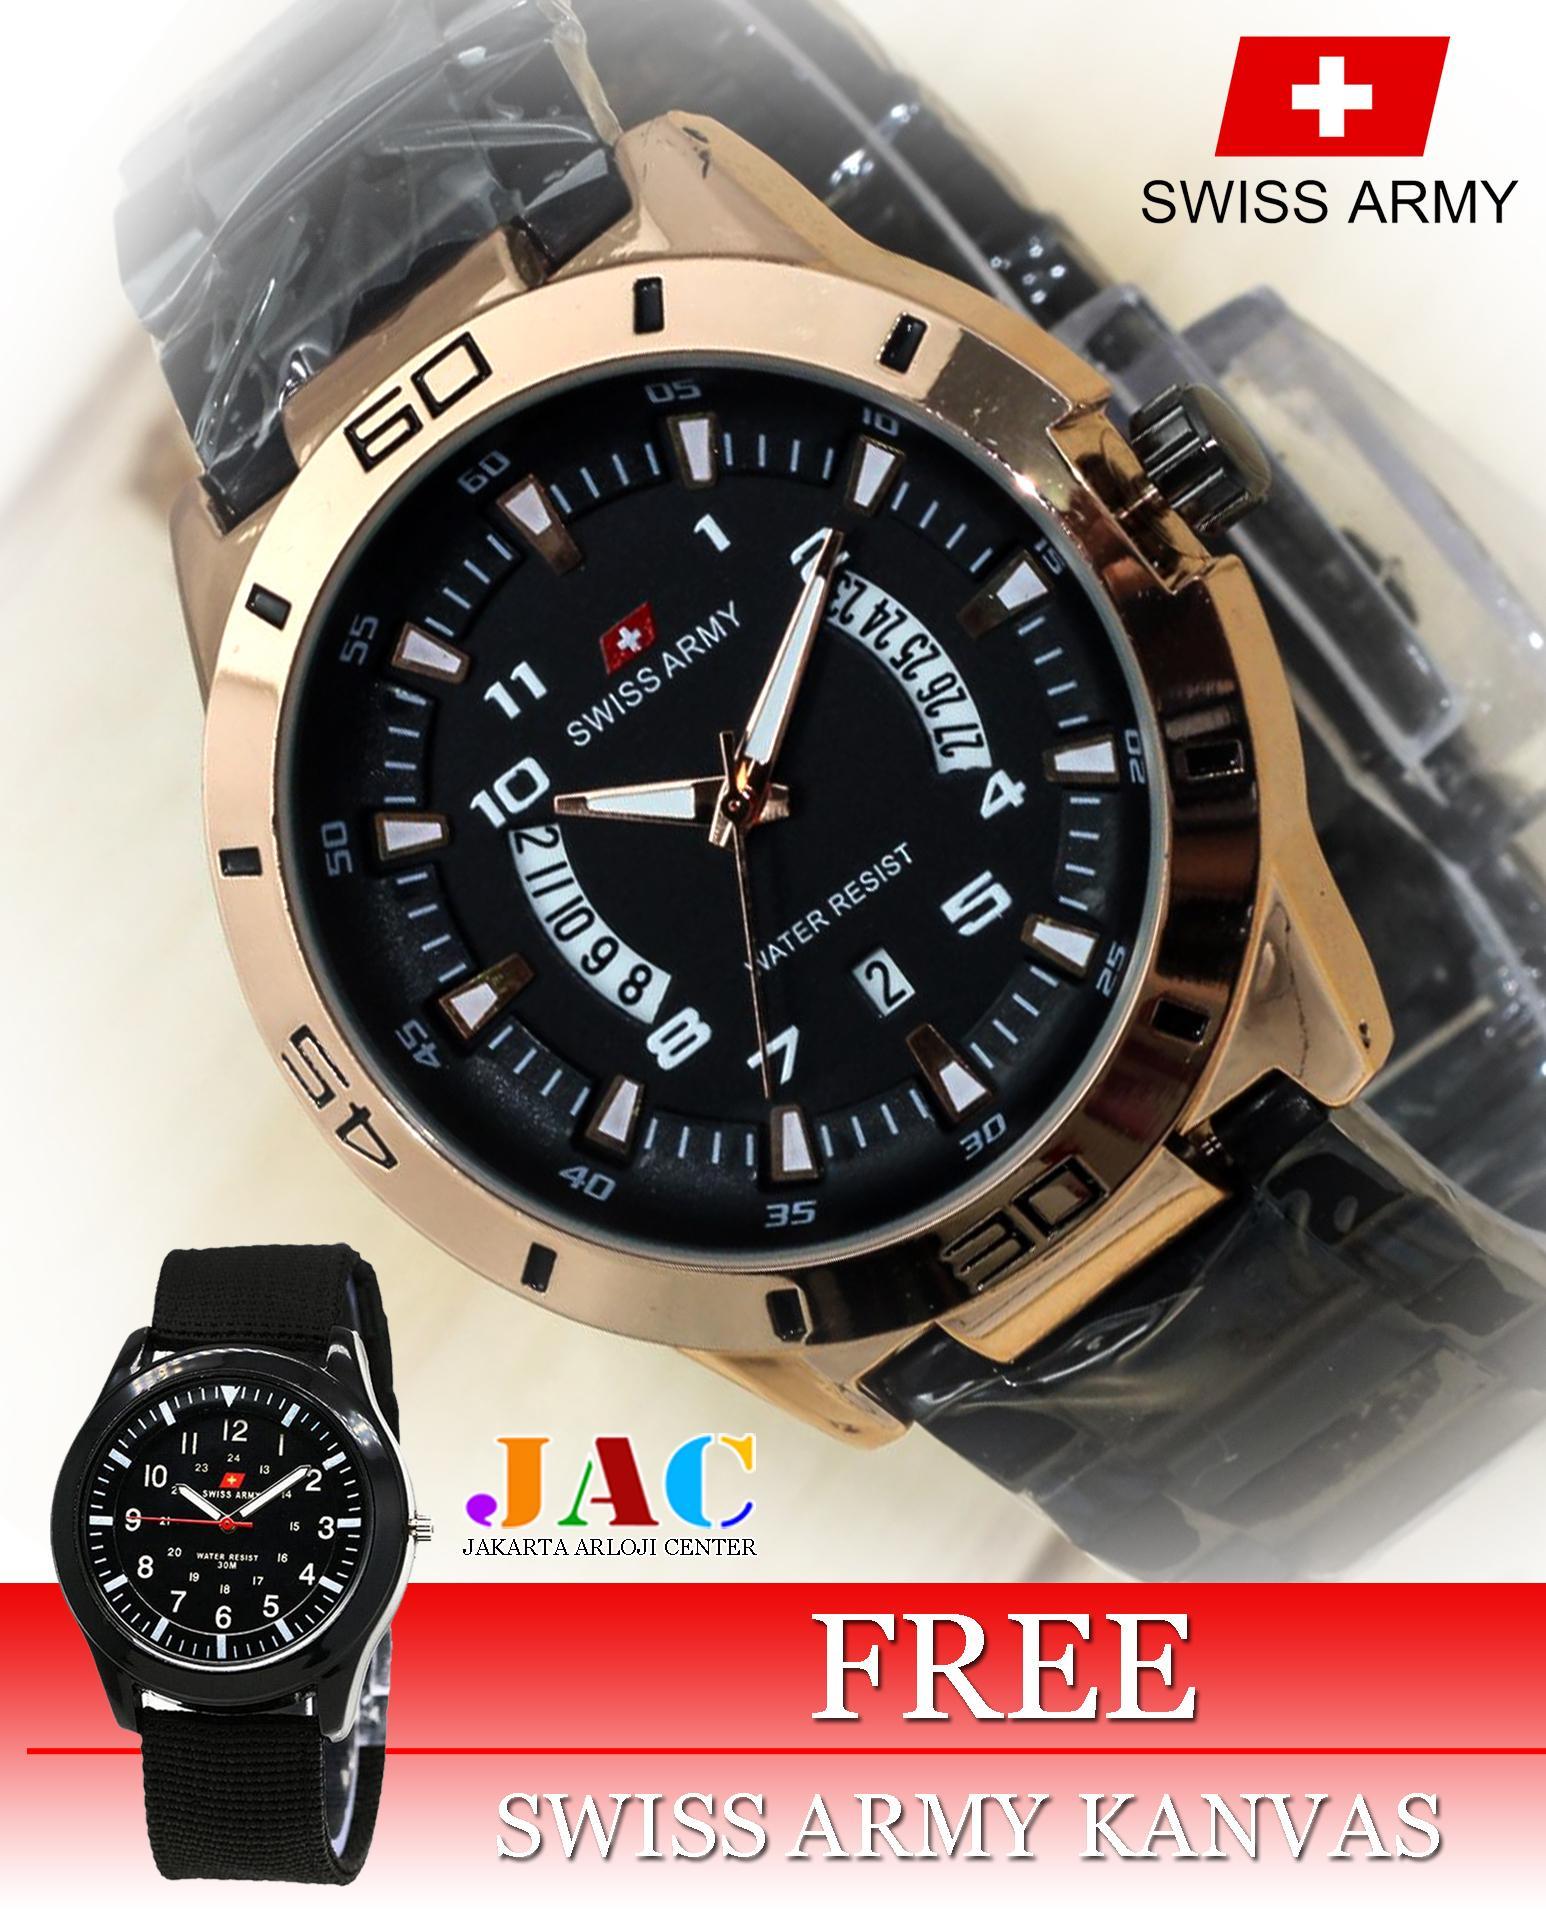 Jam Tangan Swiss Army Pria - Original - Stainless Steel - Tanggal Dan Hari  Aktif - 2807910d2c